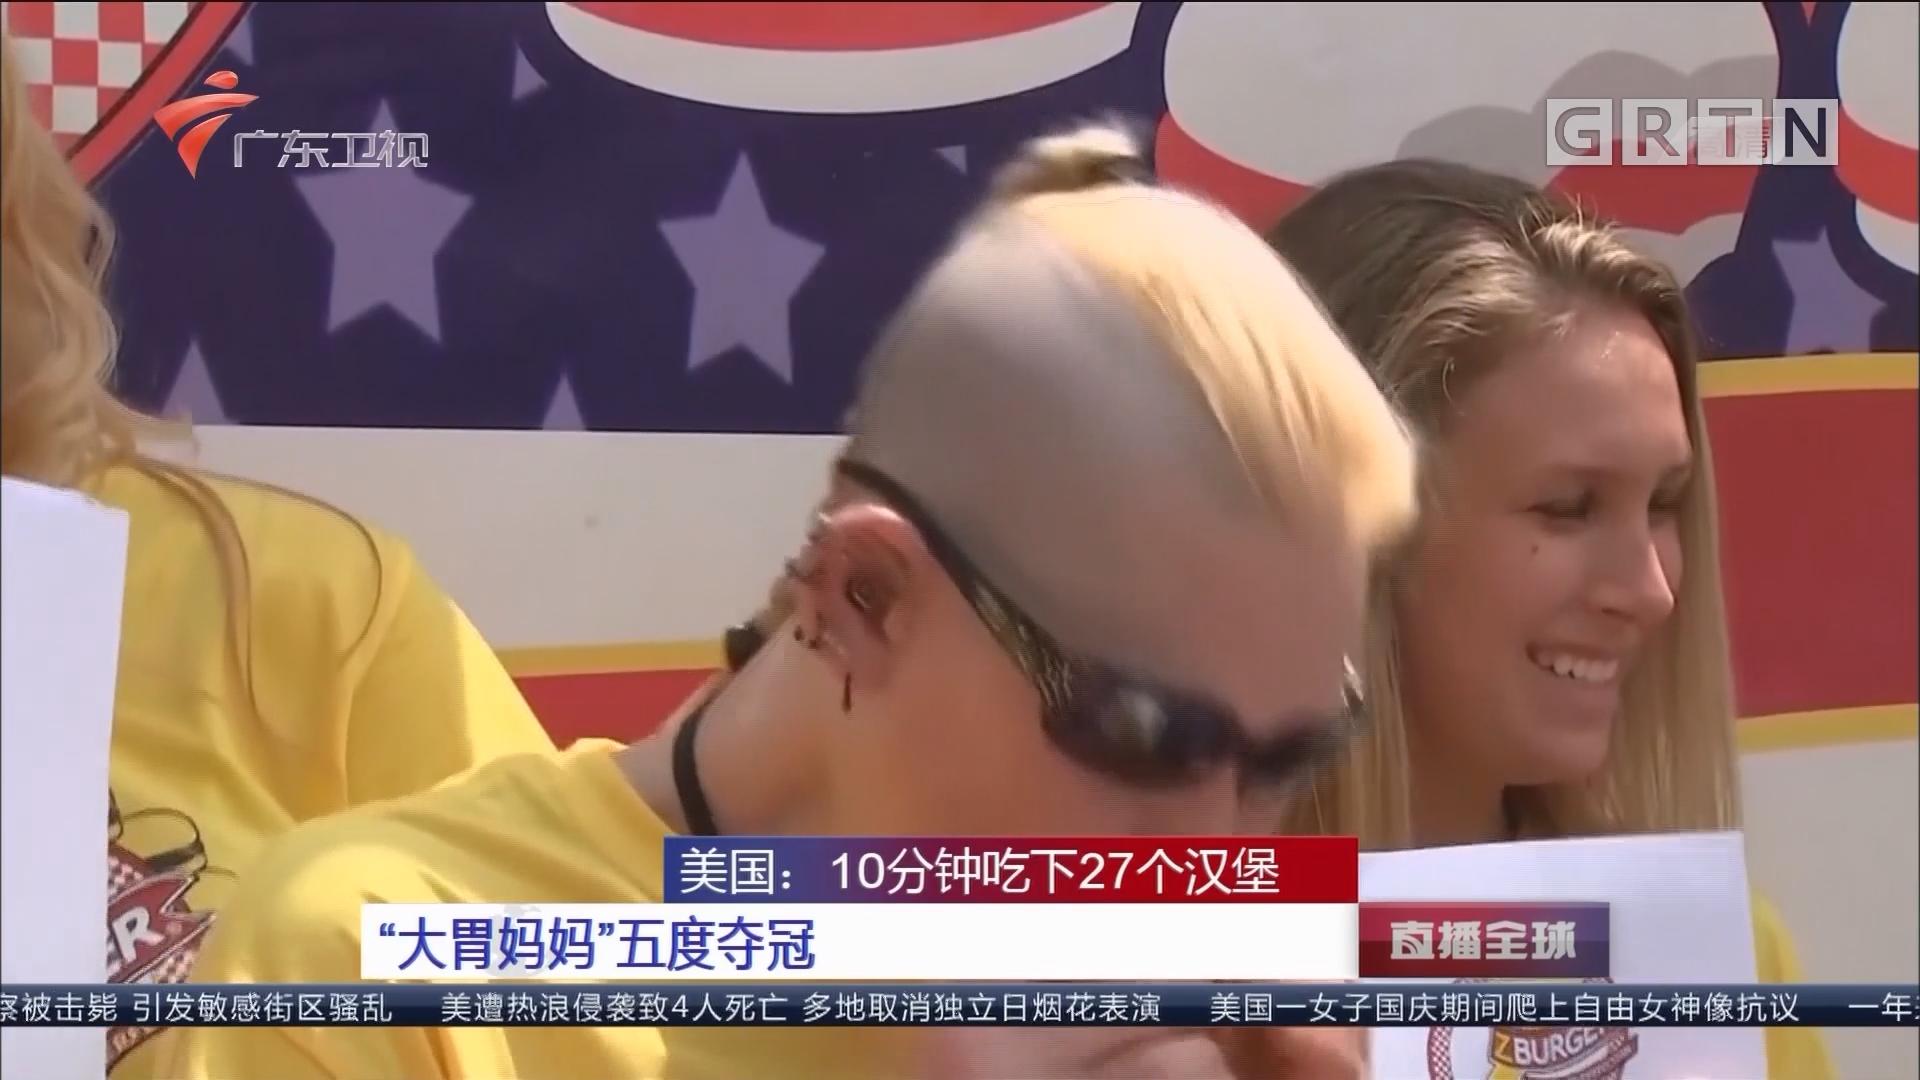 """美国:10分钟吃下27个汉堡 """"大胃妈妈""""五度夺冠"""